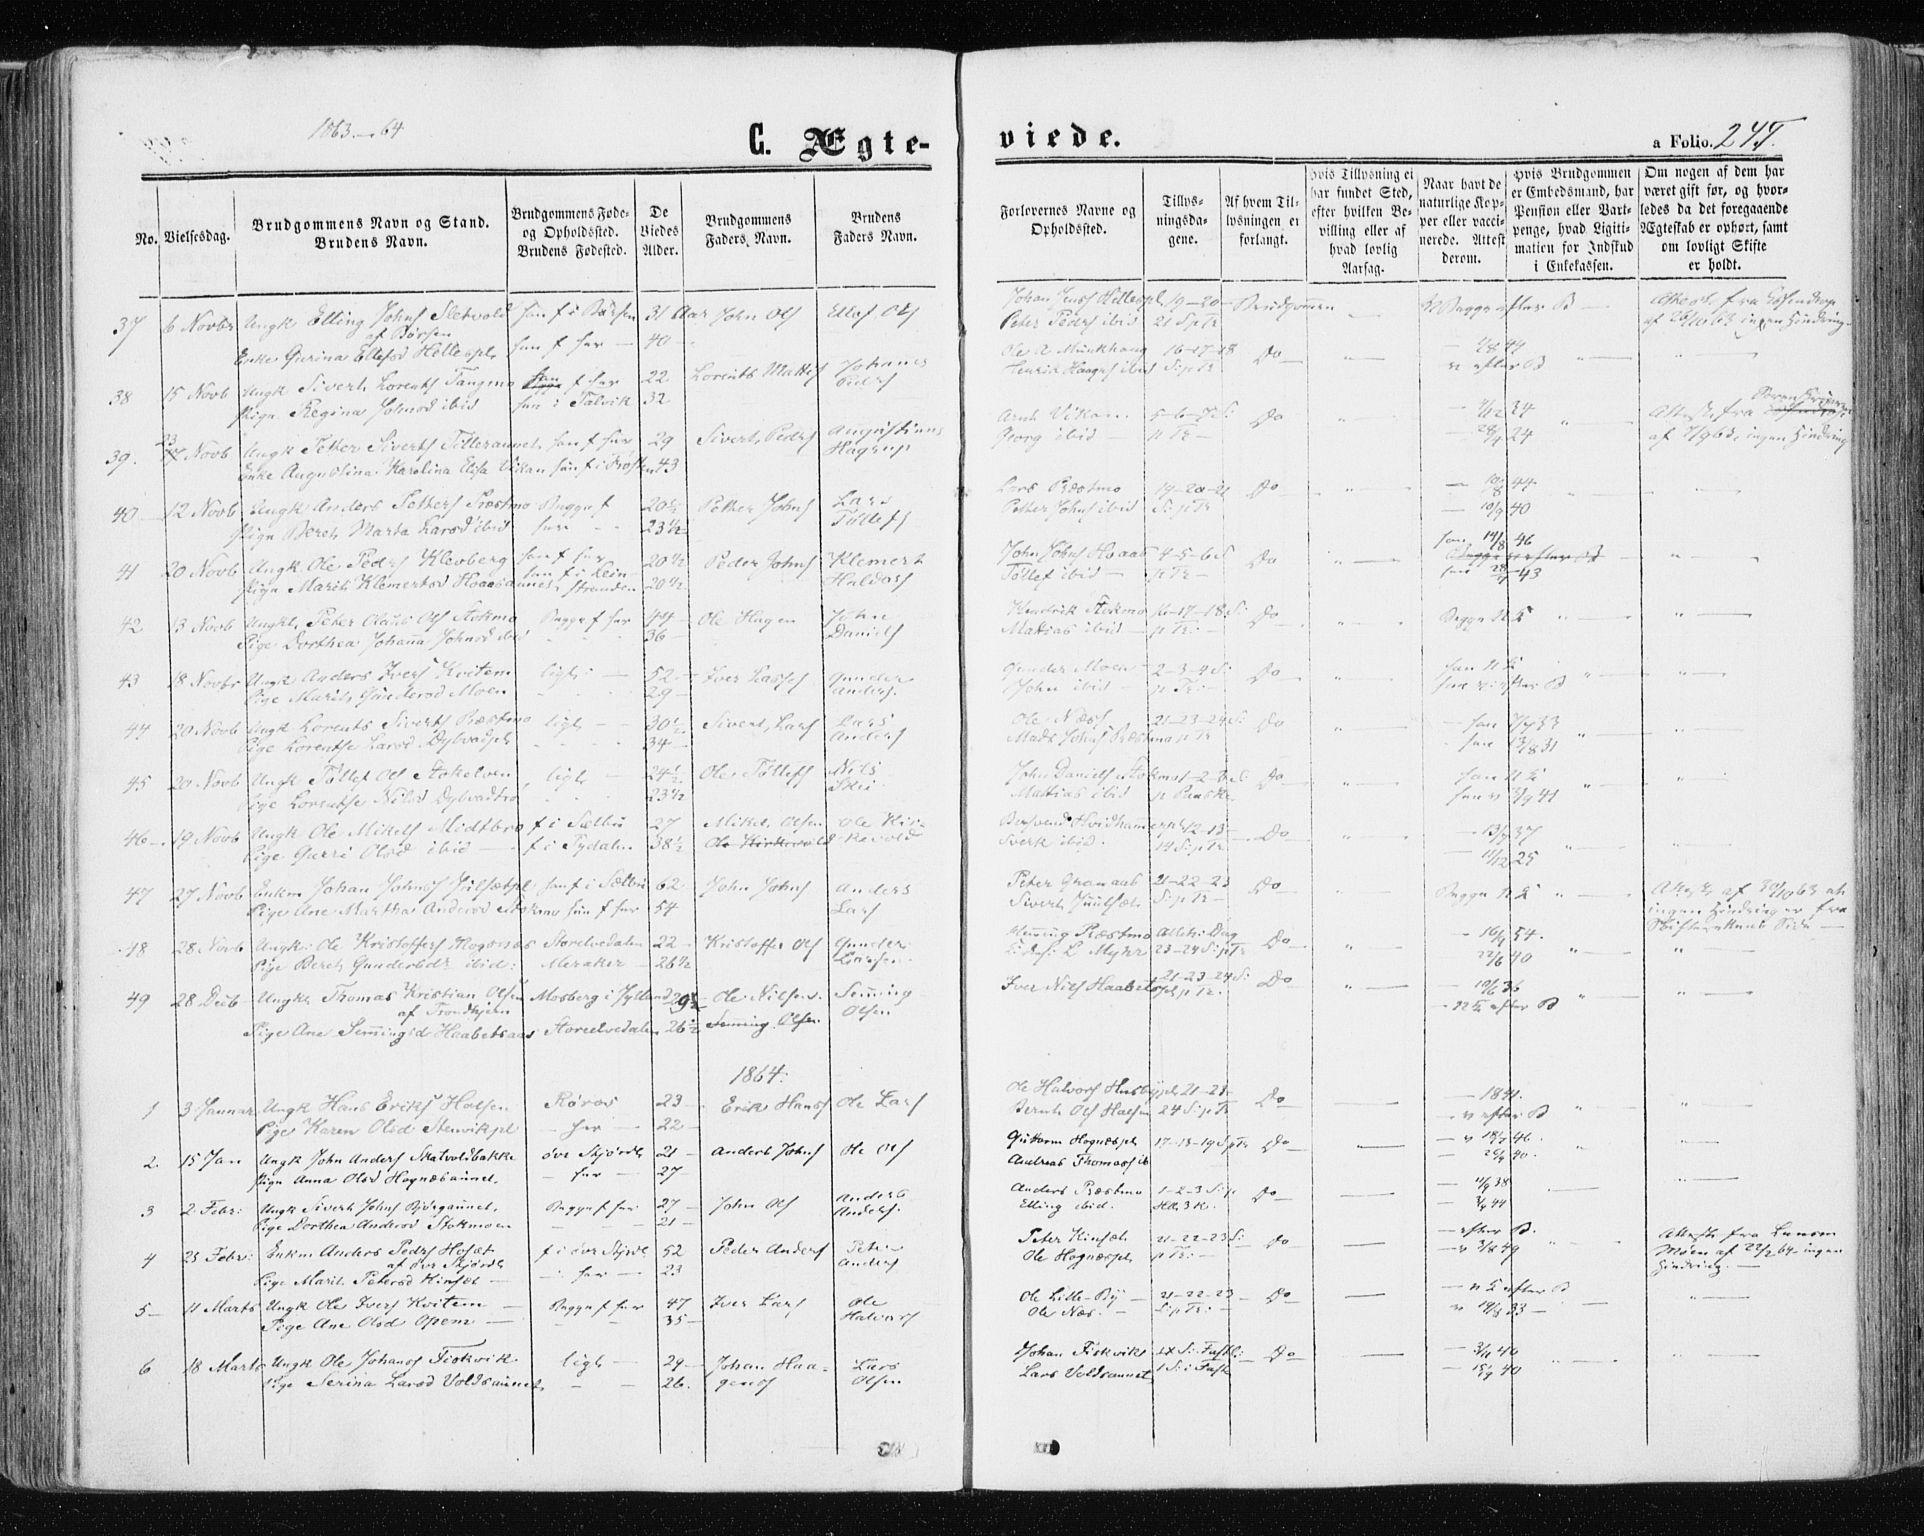 SAT, Ministerialprotokoller, klokkerbøker og fødselsregistre - Nord-Trøndelag, 709/L0075: Ministerialbok nr. 709A15, 1859-1870, s. 245